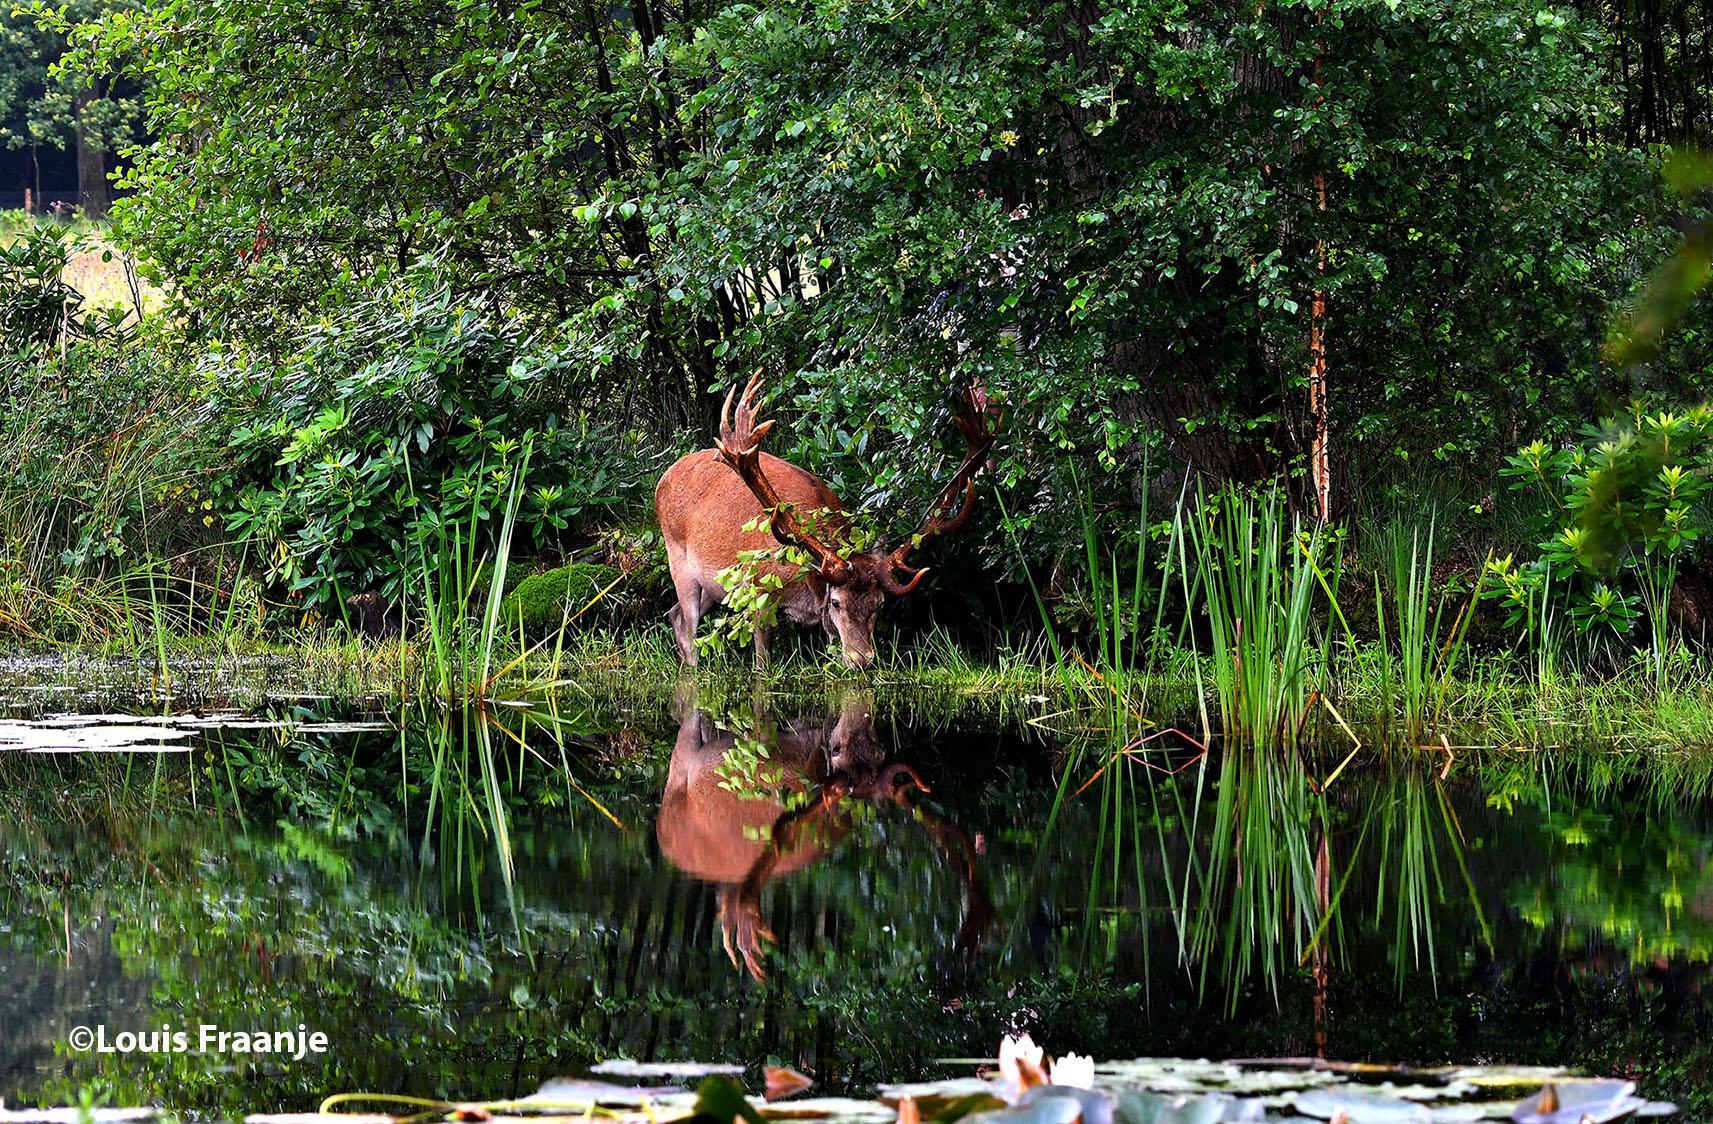 En dan tot slot nog even een lekkere slok water - Foto: ©Louis Fraanje